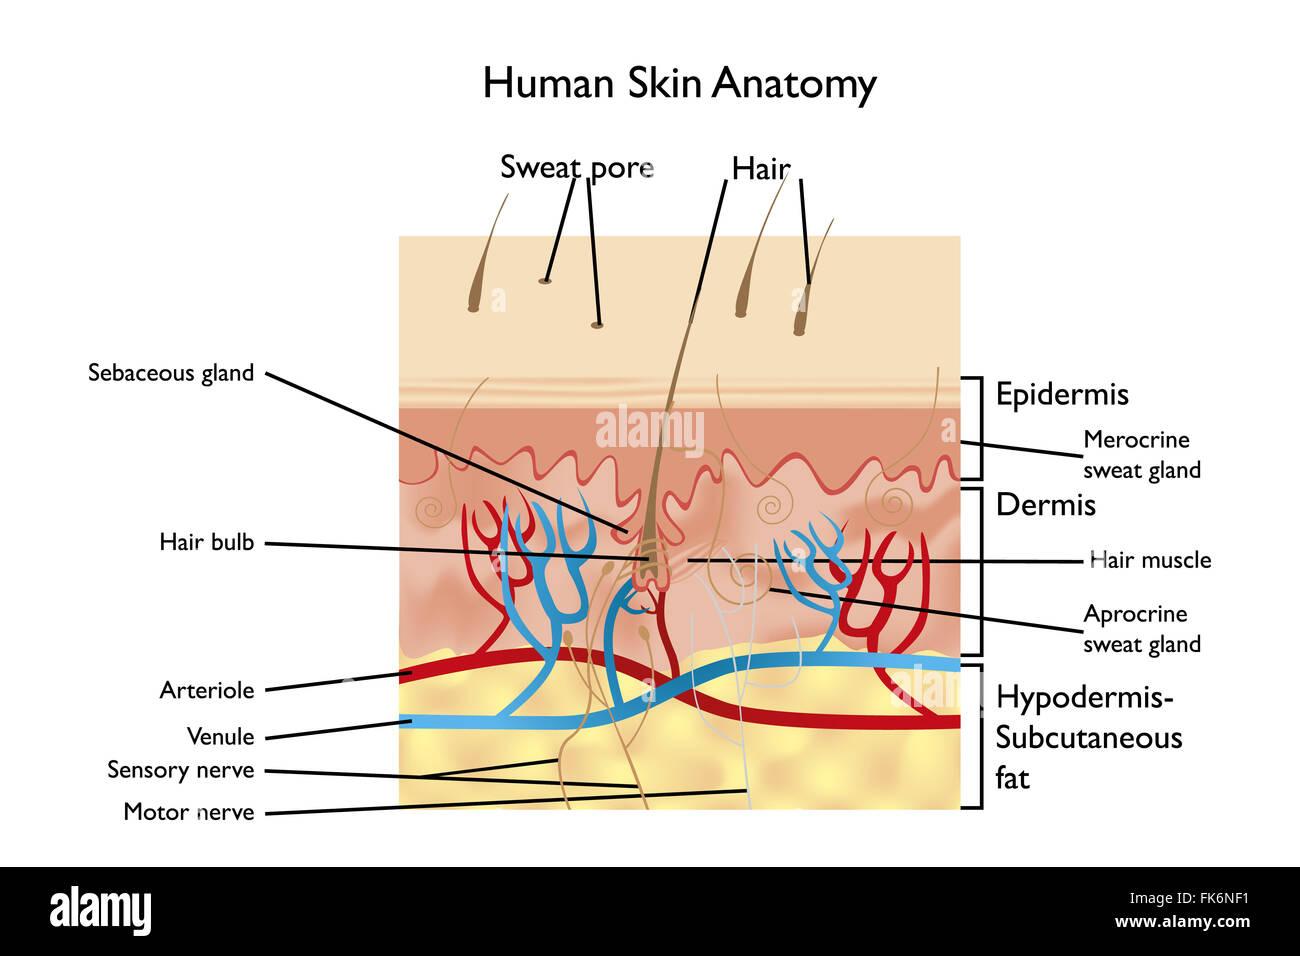 La pelle umana Anatomy - illustrazione dettagliata con le denominazioni in lingua inglese Immagini Stock